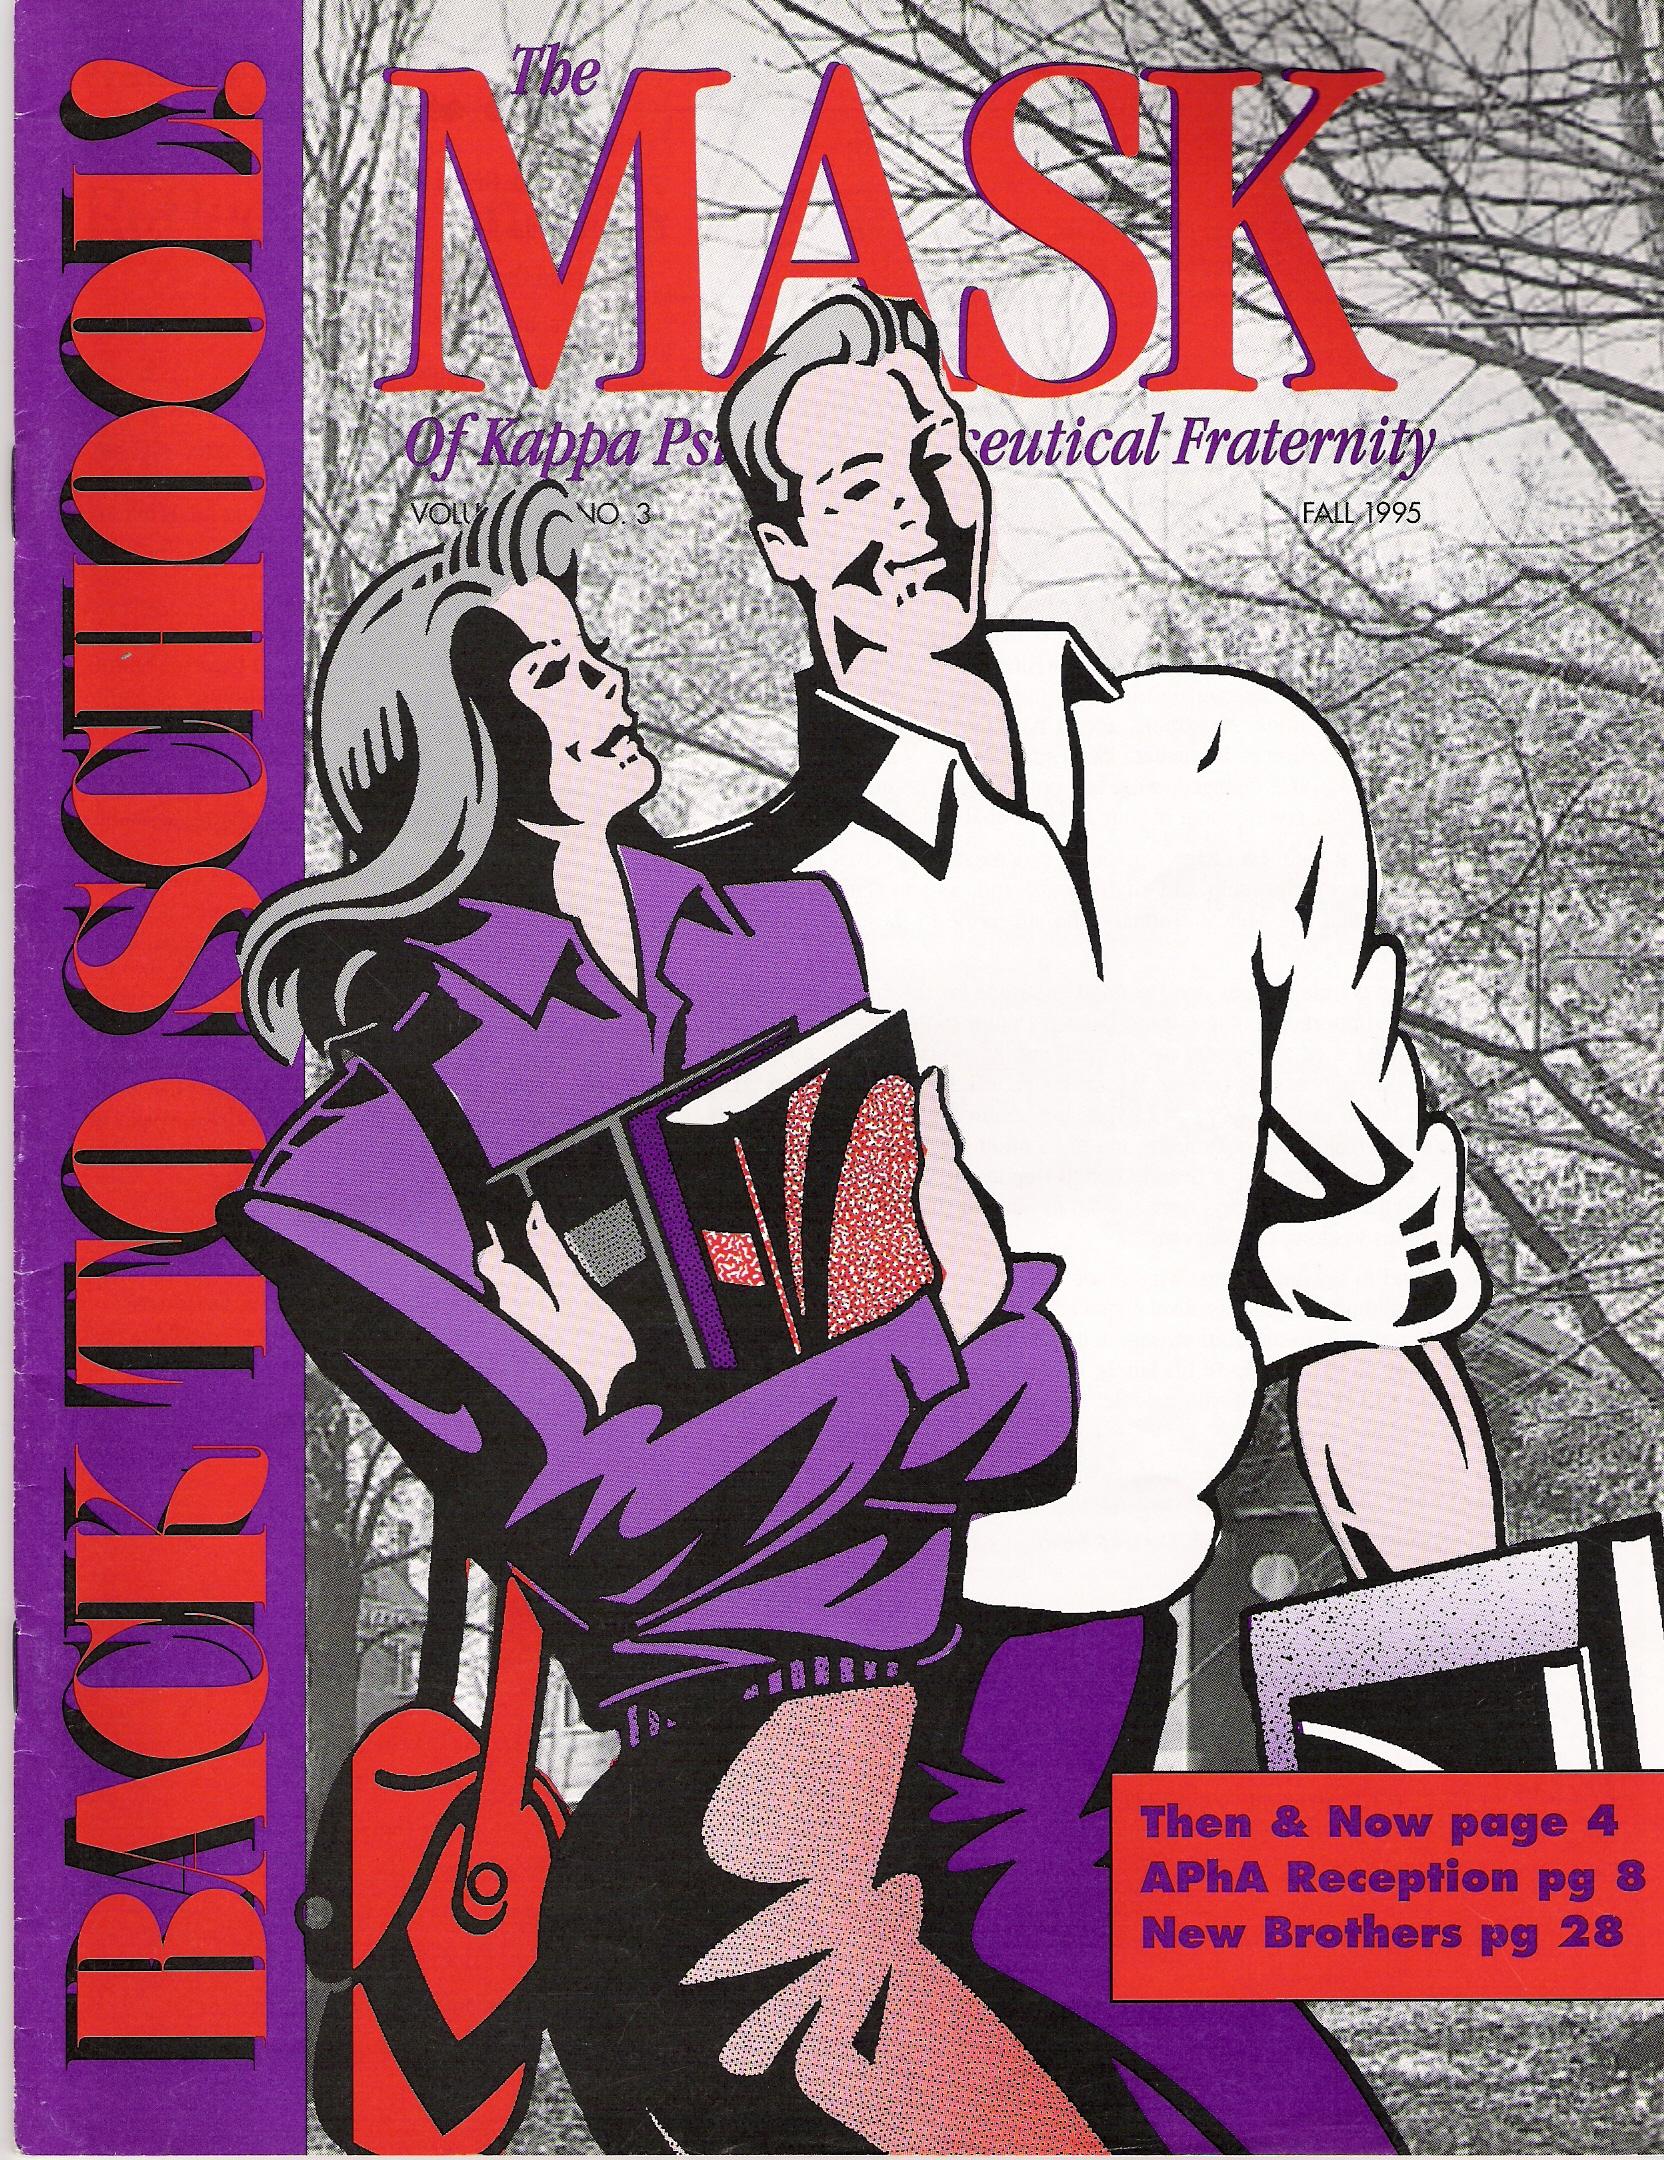 mask_cover_09_1995.jpg